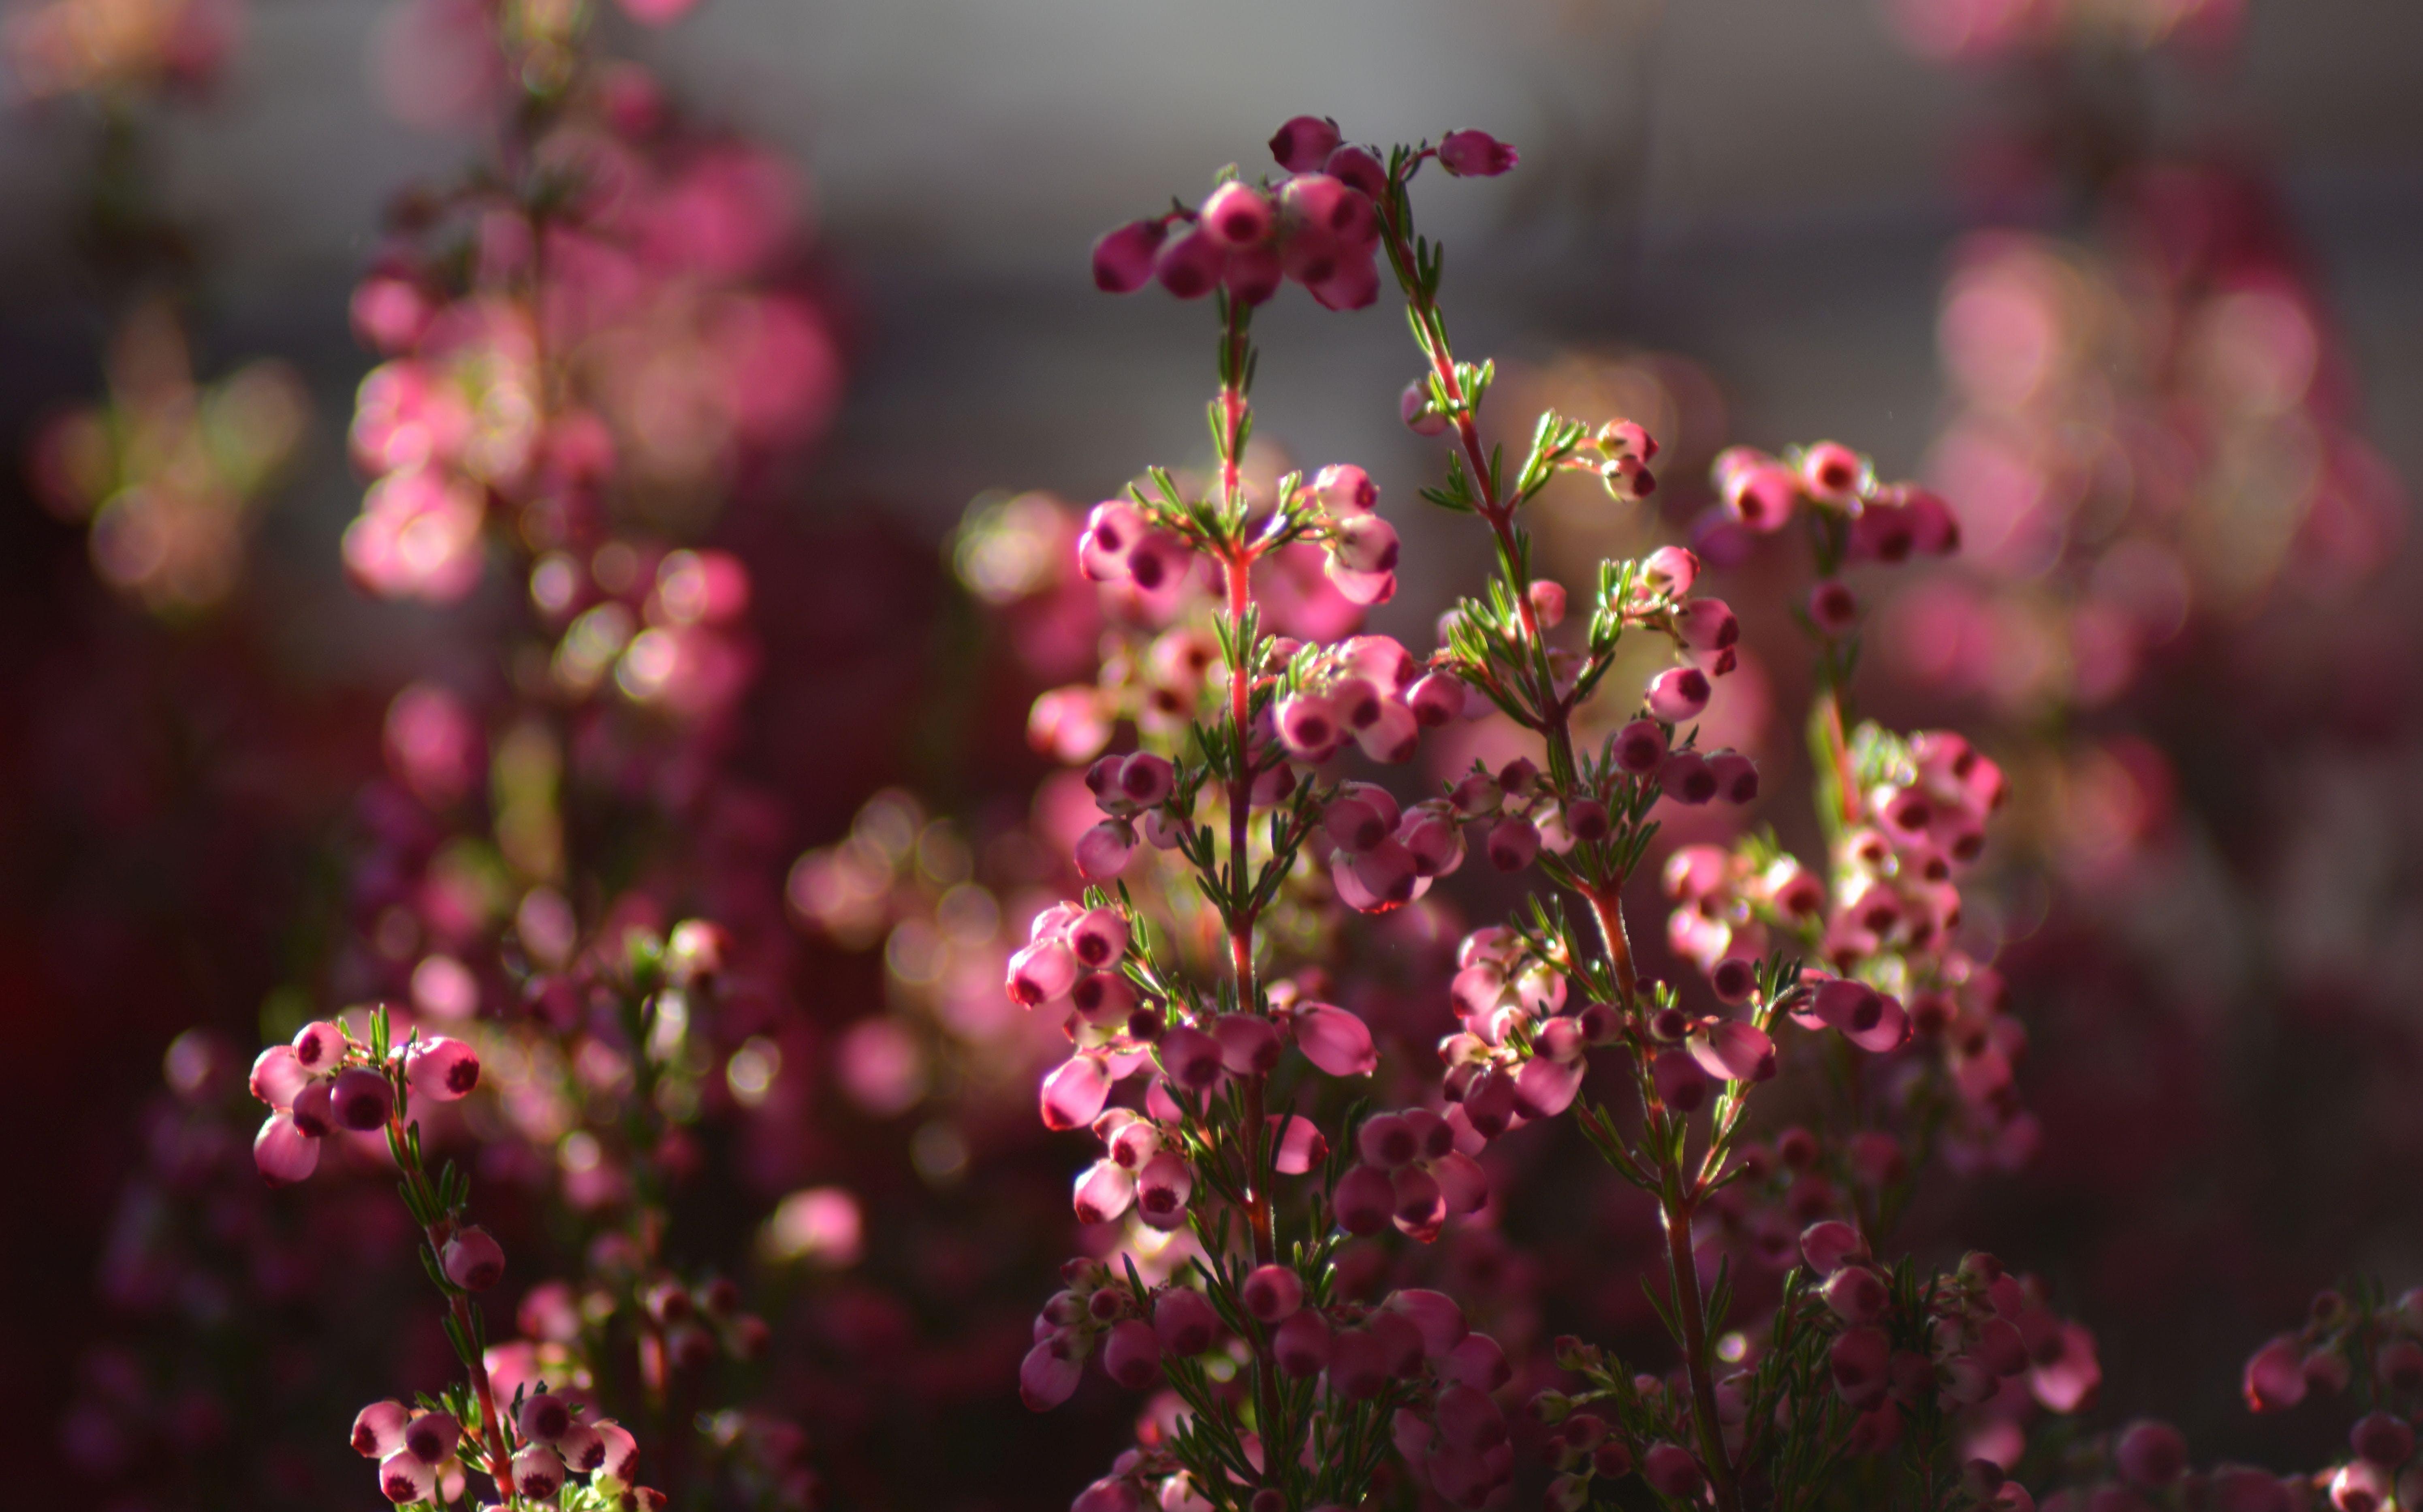 Gratis lagerfoto af blomst, blomstermotiv, blød, farve